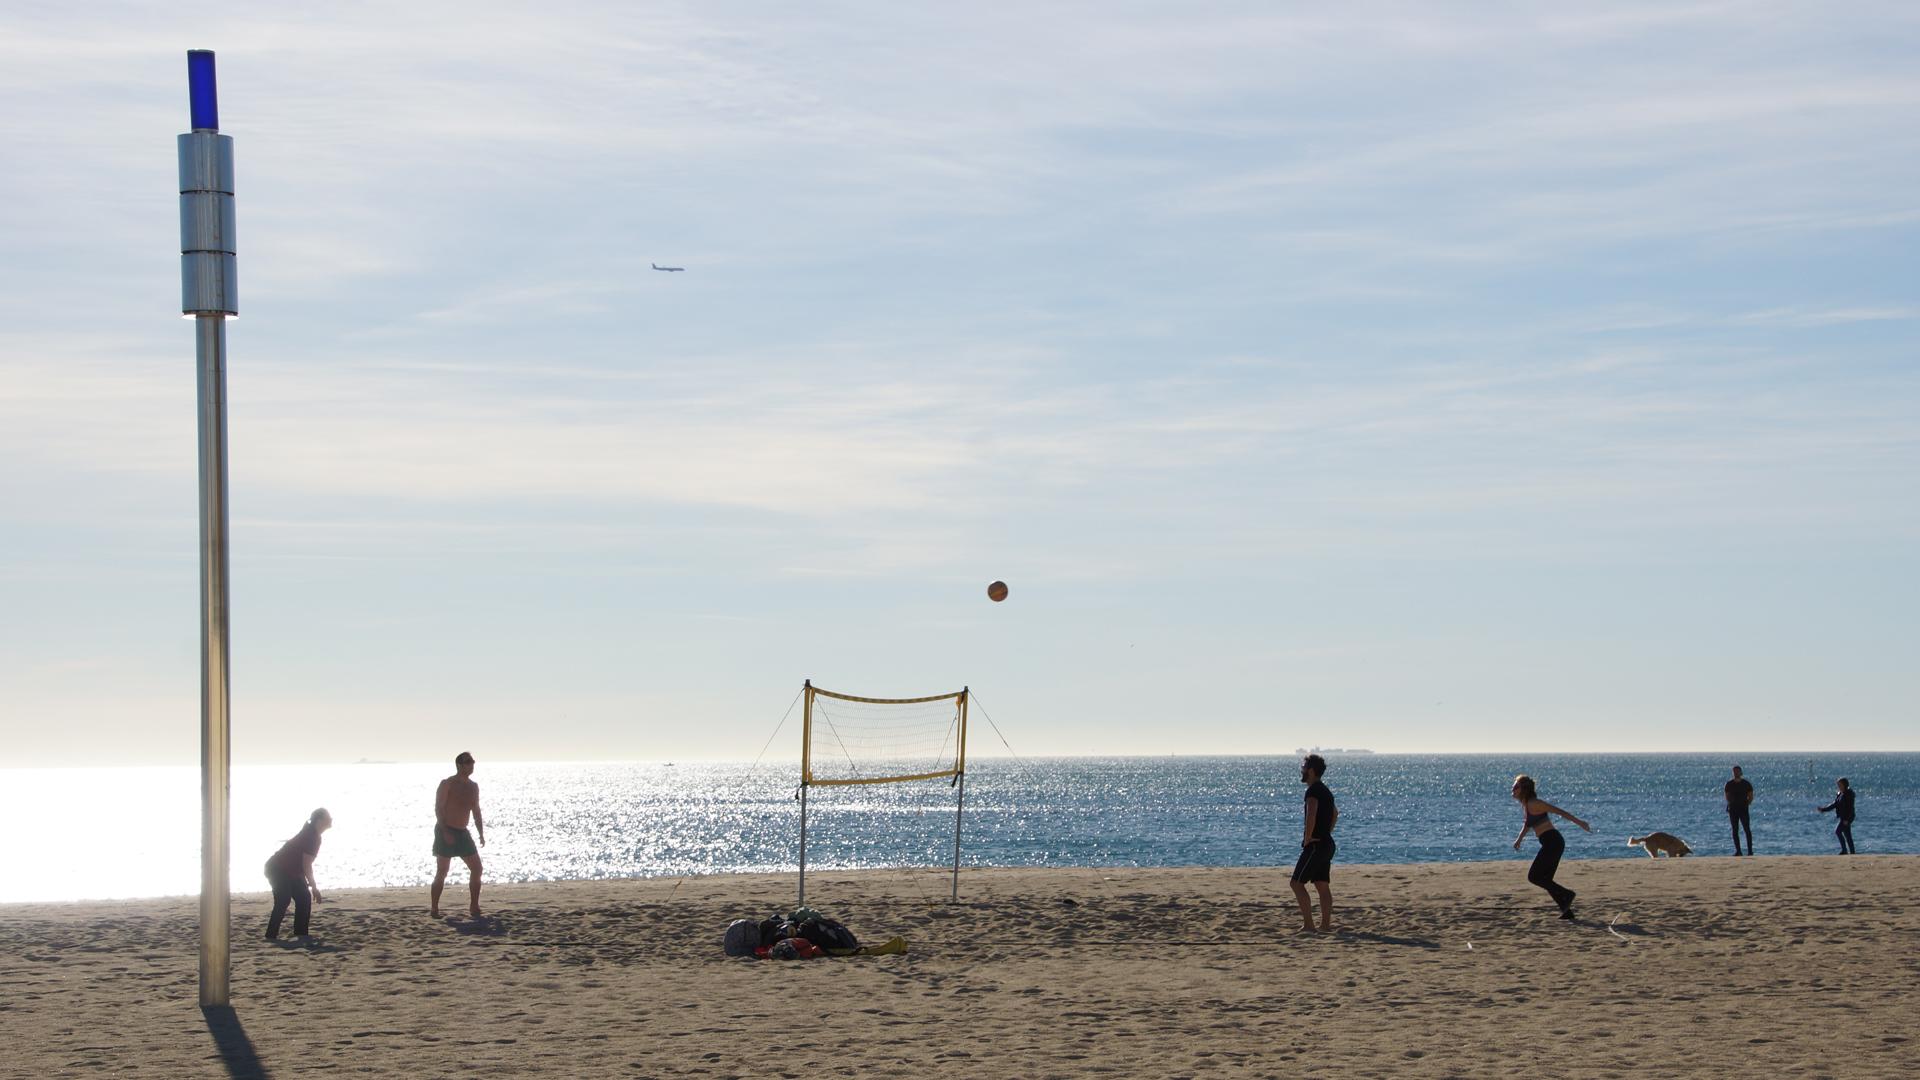 Fotostrecke Gegenlicht 14 Beachvolleyball Am Strand Von Barcelona